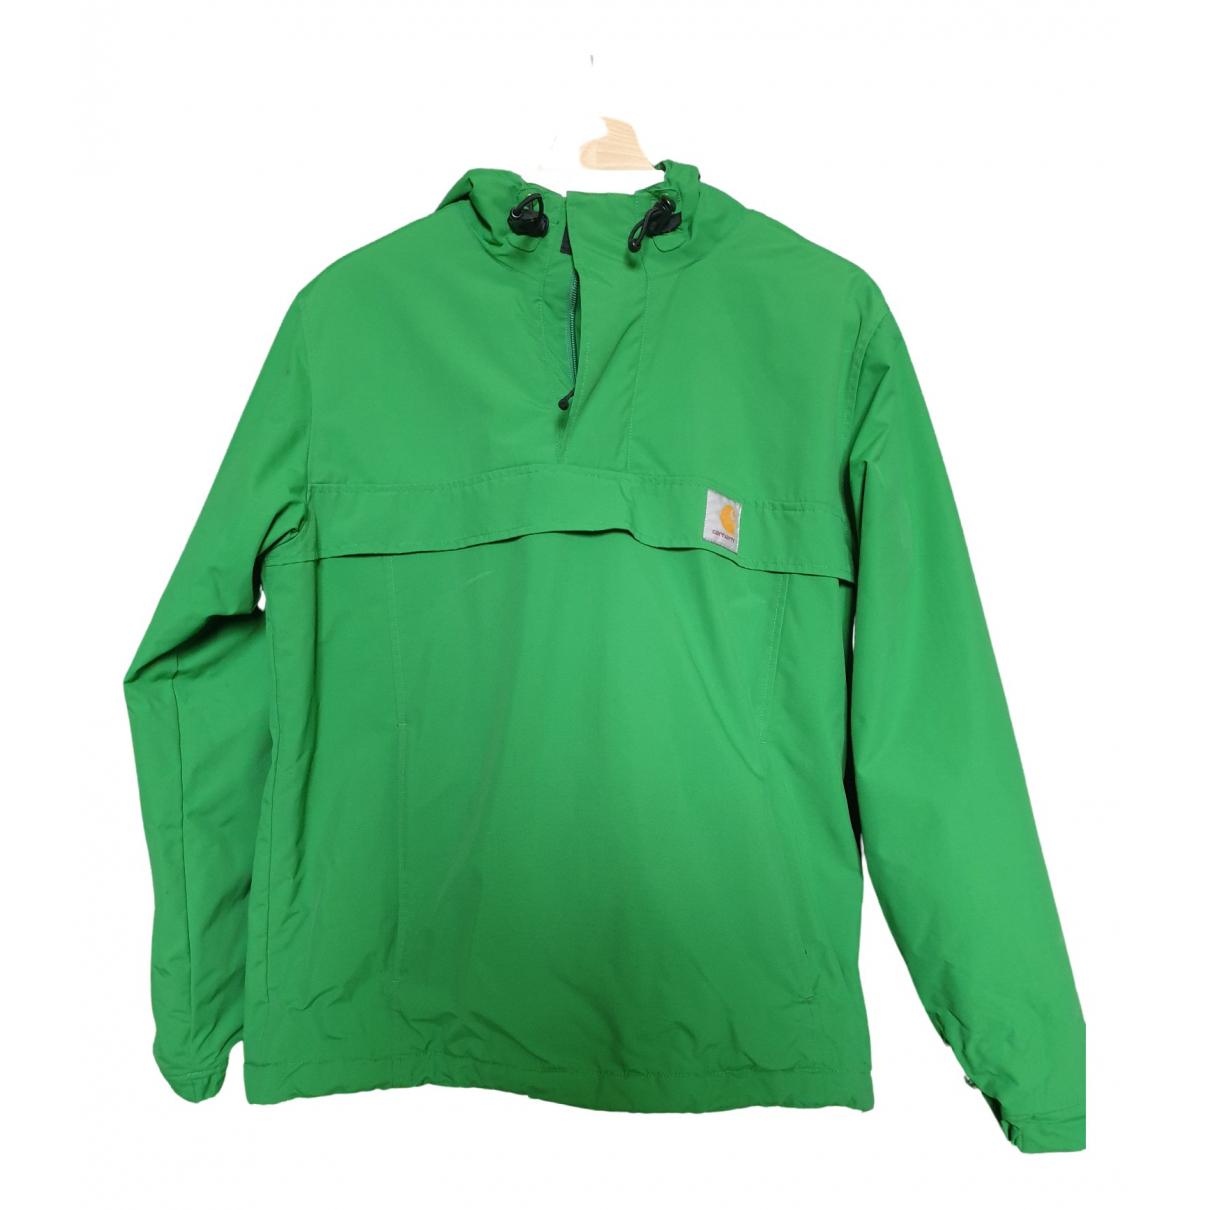 Carhartt - Manteau   pour homme - vert